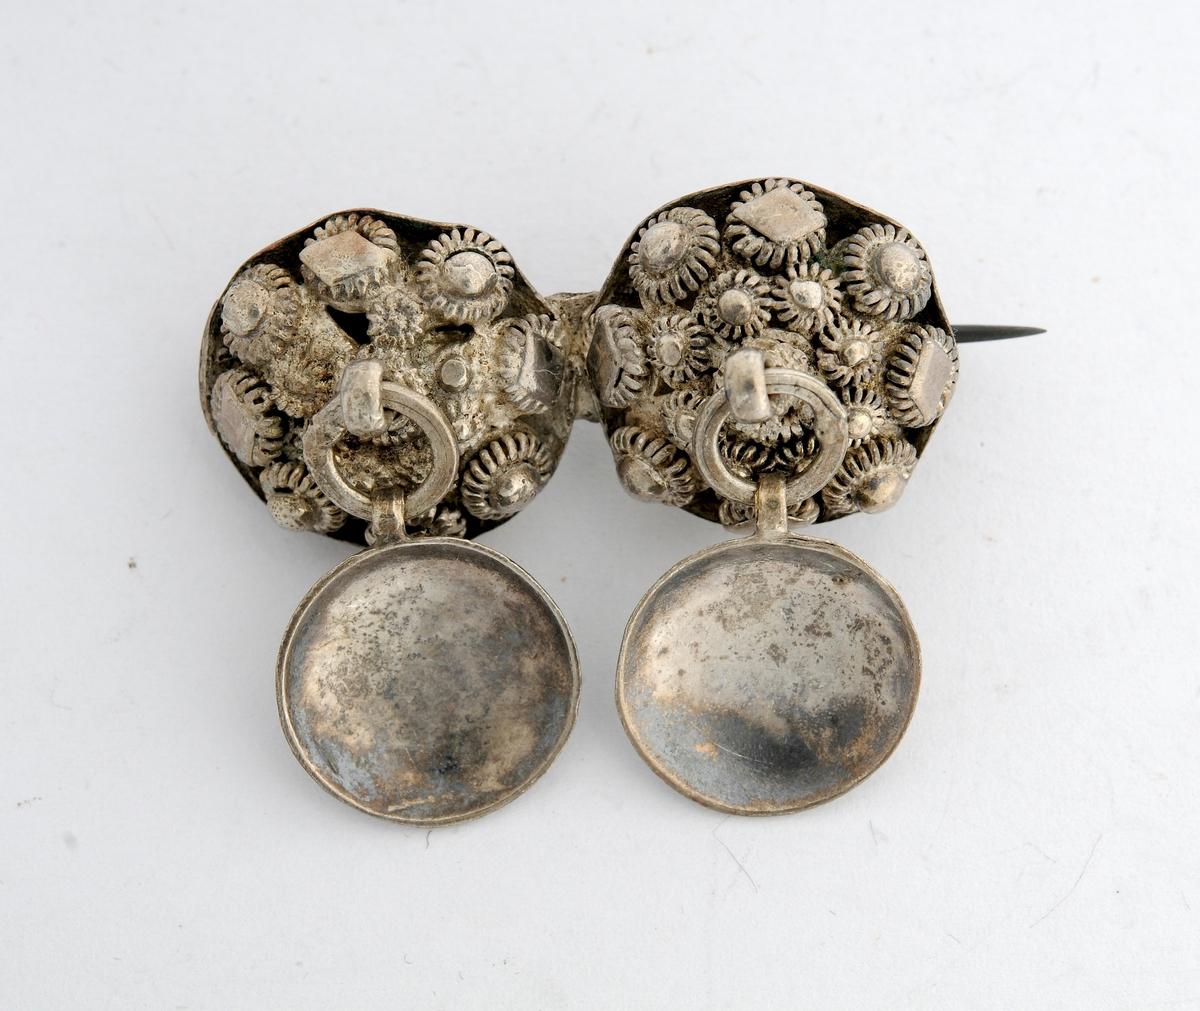 Sølje, halsknapp i sølv. Sett saman av to halvkuleforma knappar i filigransarbeid. Kvar knapp har hempe med ring og skål som vedheng. Nål og krok (i messing?) pålodda på baksida.